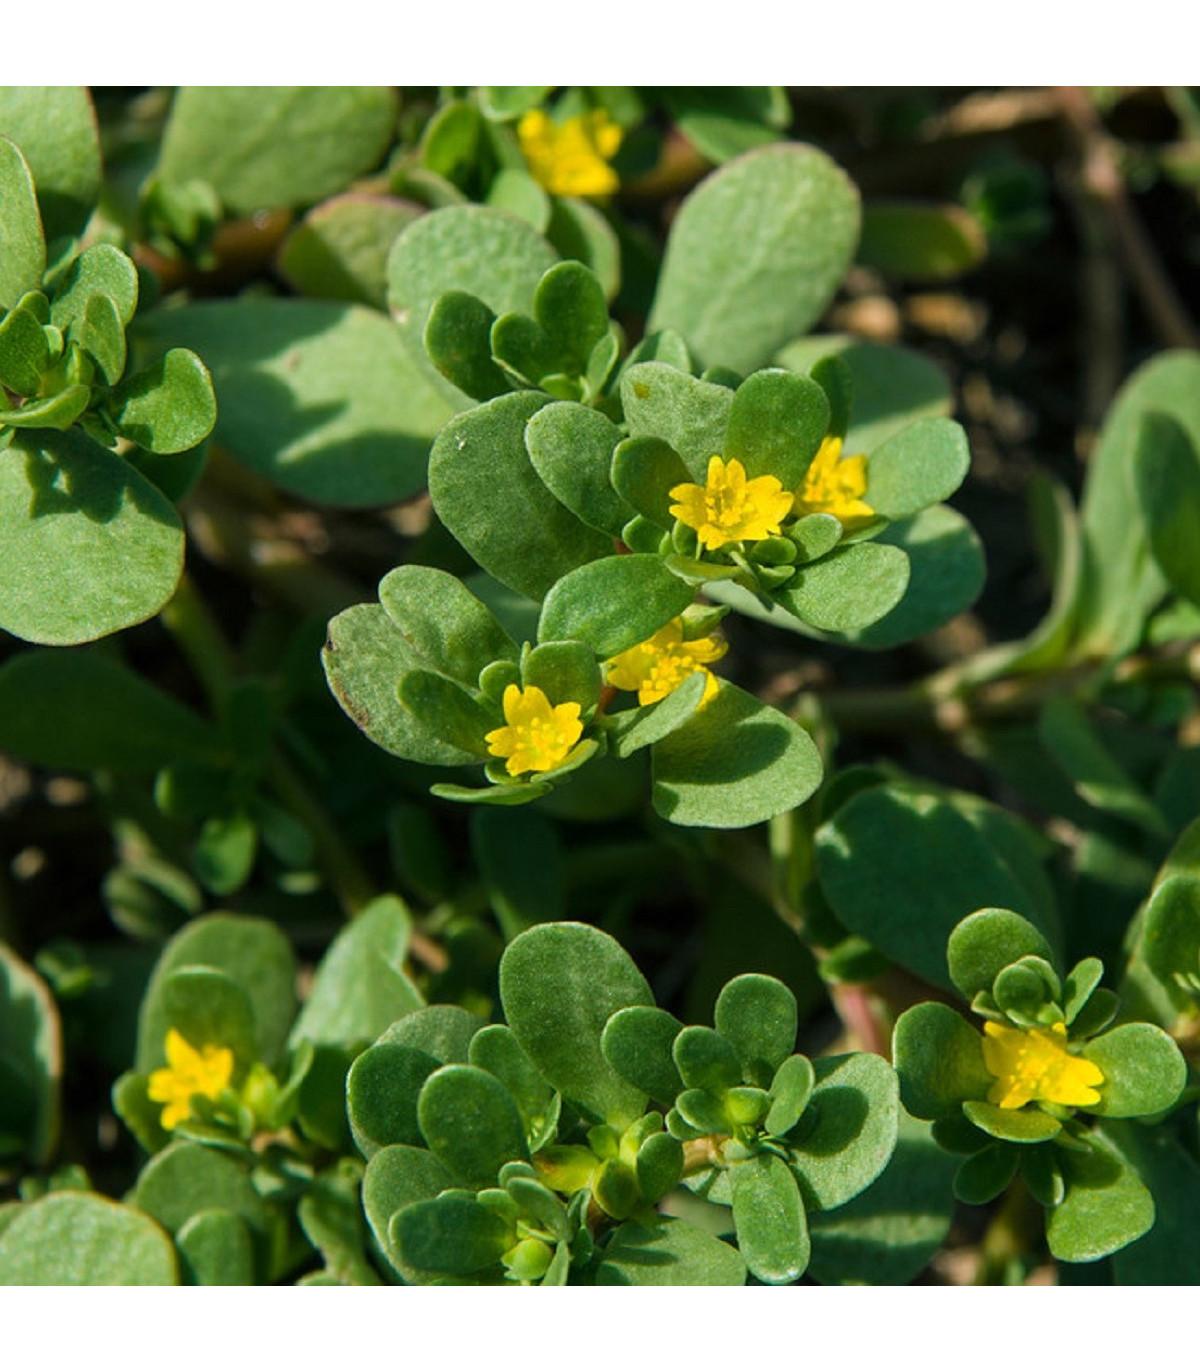 Šrucha zelná - semena Šruchy - Portulaca oleracea - 30 ks